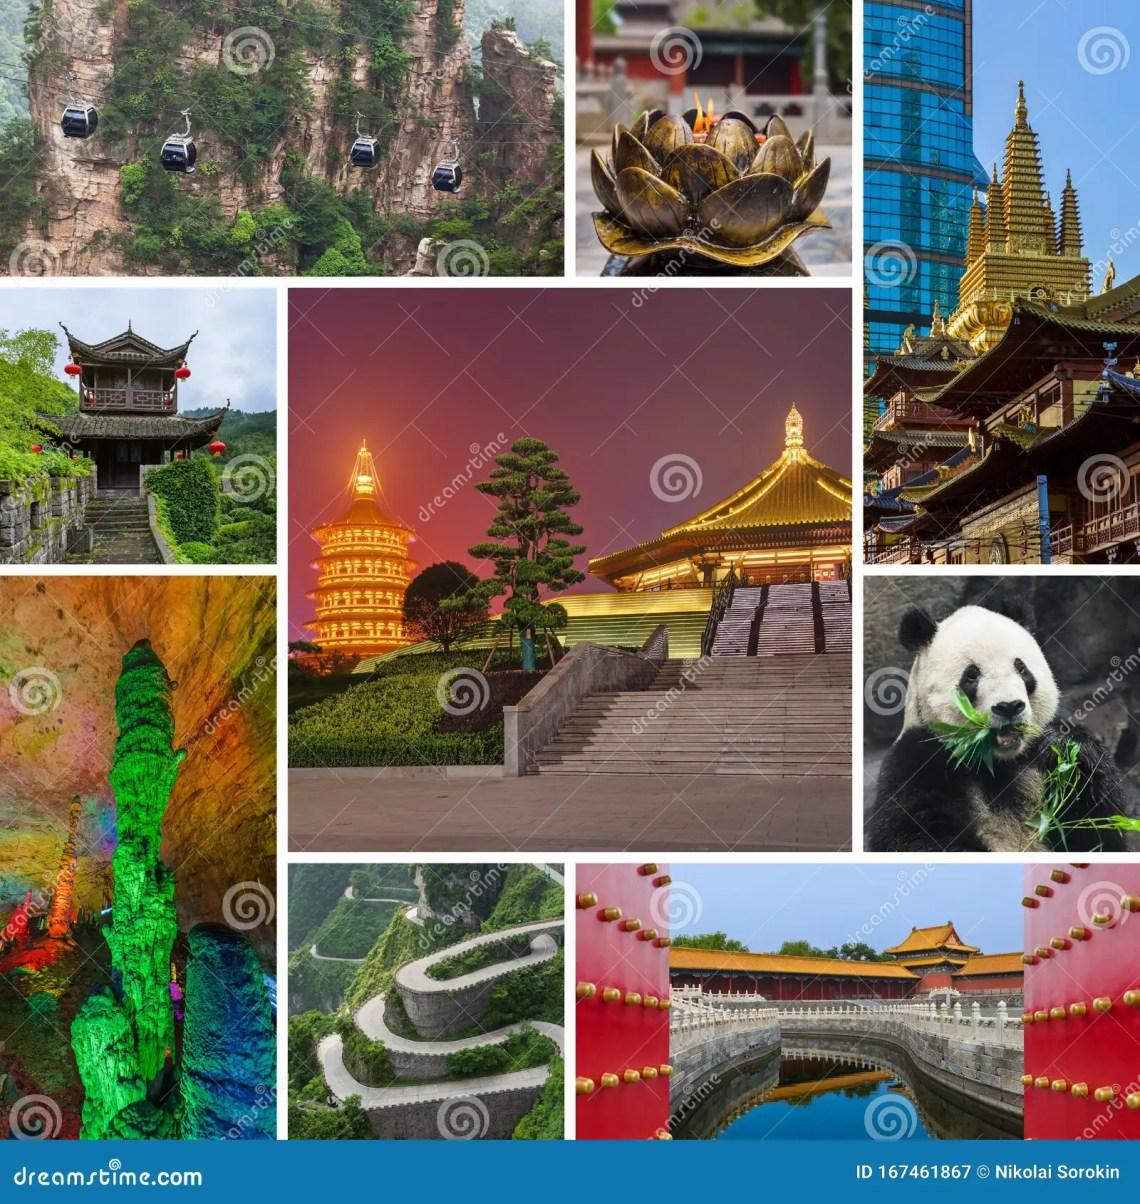 Collage Of China Images My Photos Stock Image Image Of Landmark Background 167461867